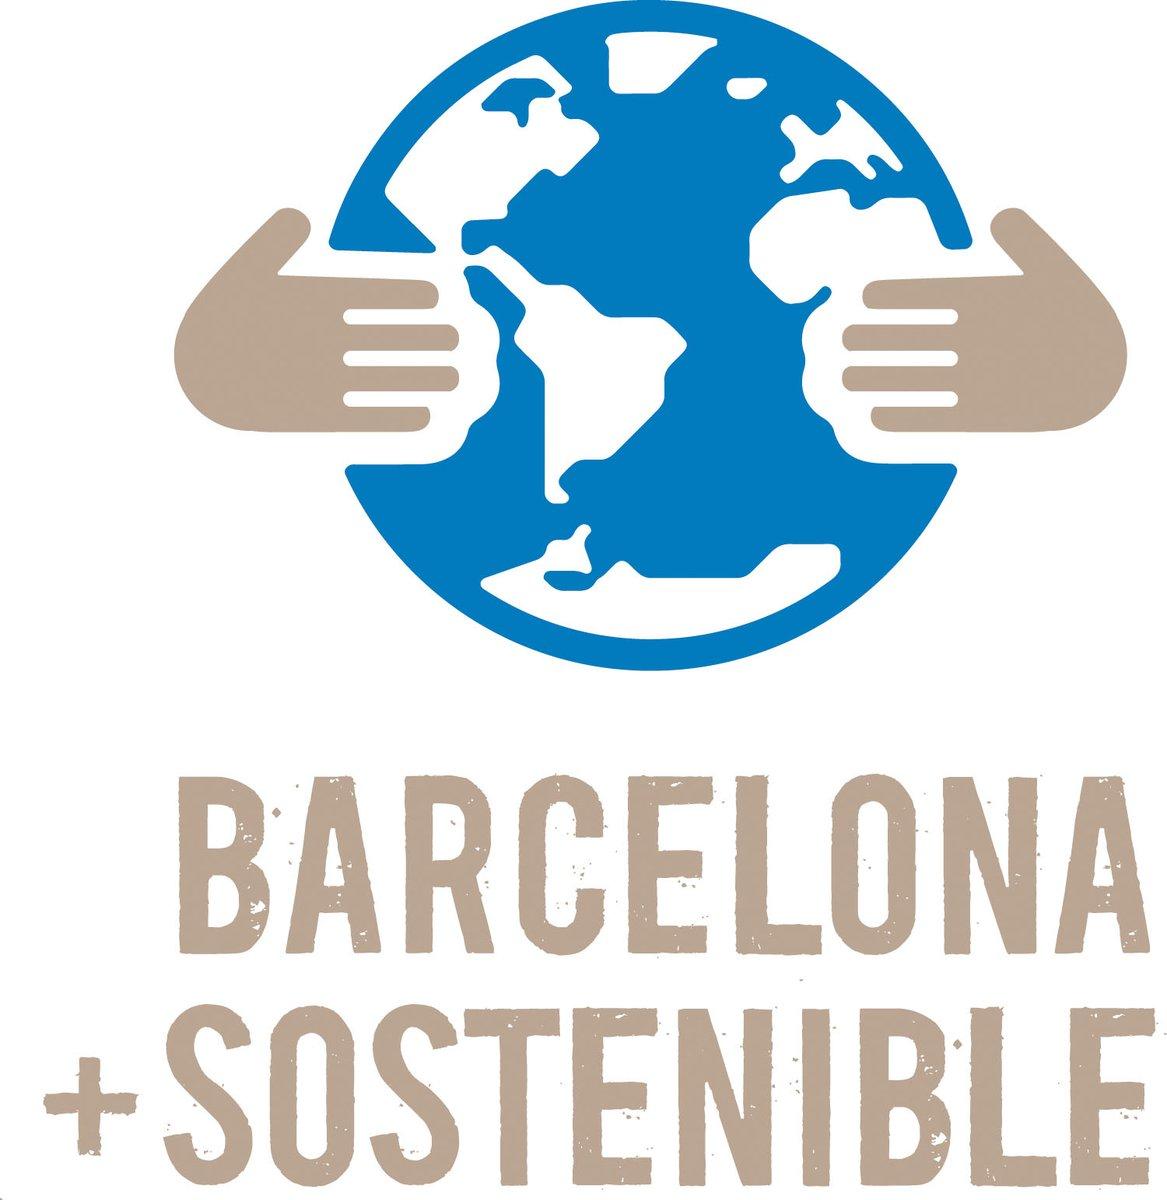 📌 Coneixes la xarxa #BcnSostenible?  🔹 Ja són gairebé 1.500 organitzacions les que estan compromeses amb #sostenibilitat ambiental, social i econòmica i desenvolupen #accions per millorar la qualitat de vida a la ciutat. #EscolesSostenibles  ℹ️ https://t.co/RBqCbBK869 https://t.co/vFRyB5auTk